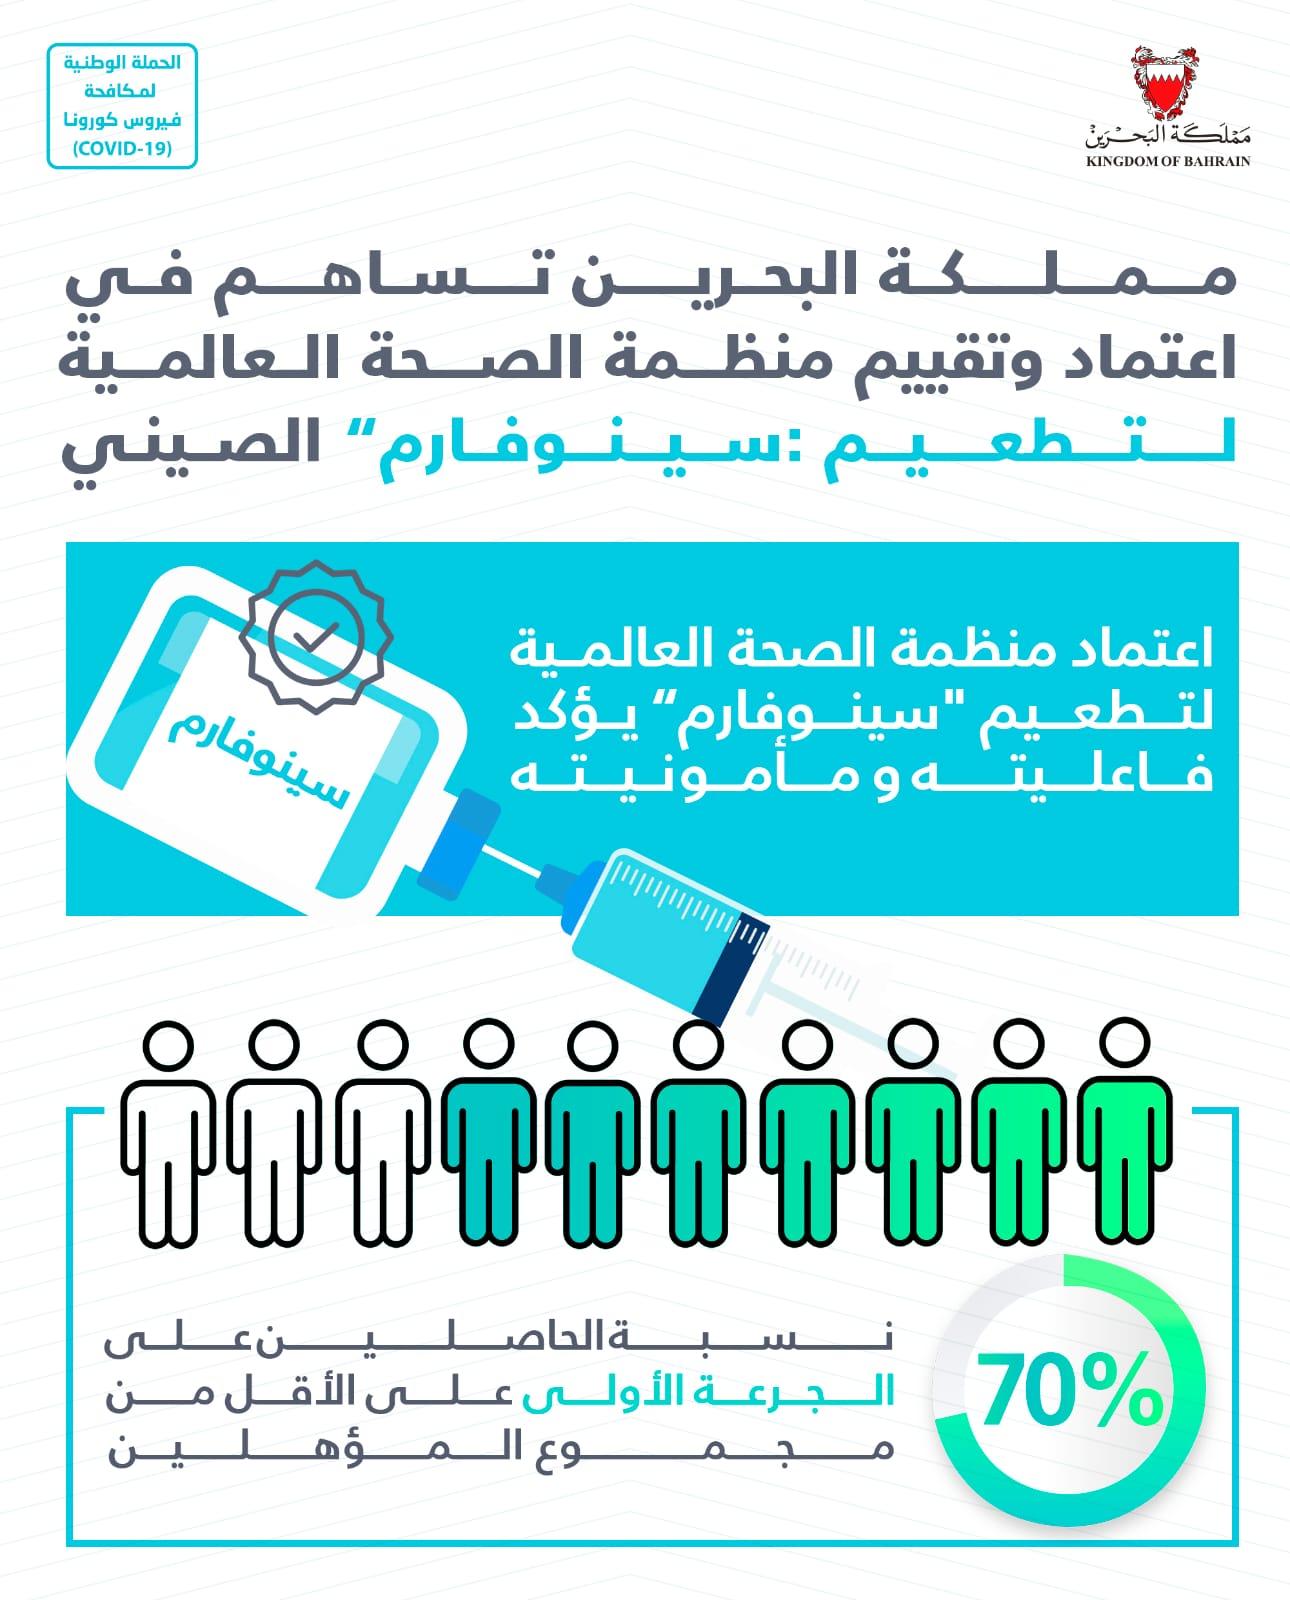 """في البحرين نسبة الحاصلين على الجرعة الأولى من كافة أنواع التطعيمات 70%.. مملكة البحرين تساهم في اعتماد وتقييم منظمة الصحة العالمية لتطعيم """"سينوفارم"""" الصيني"""